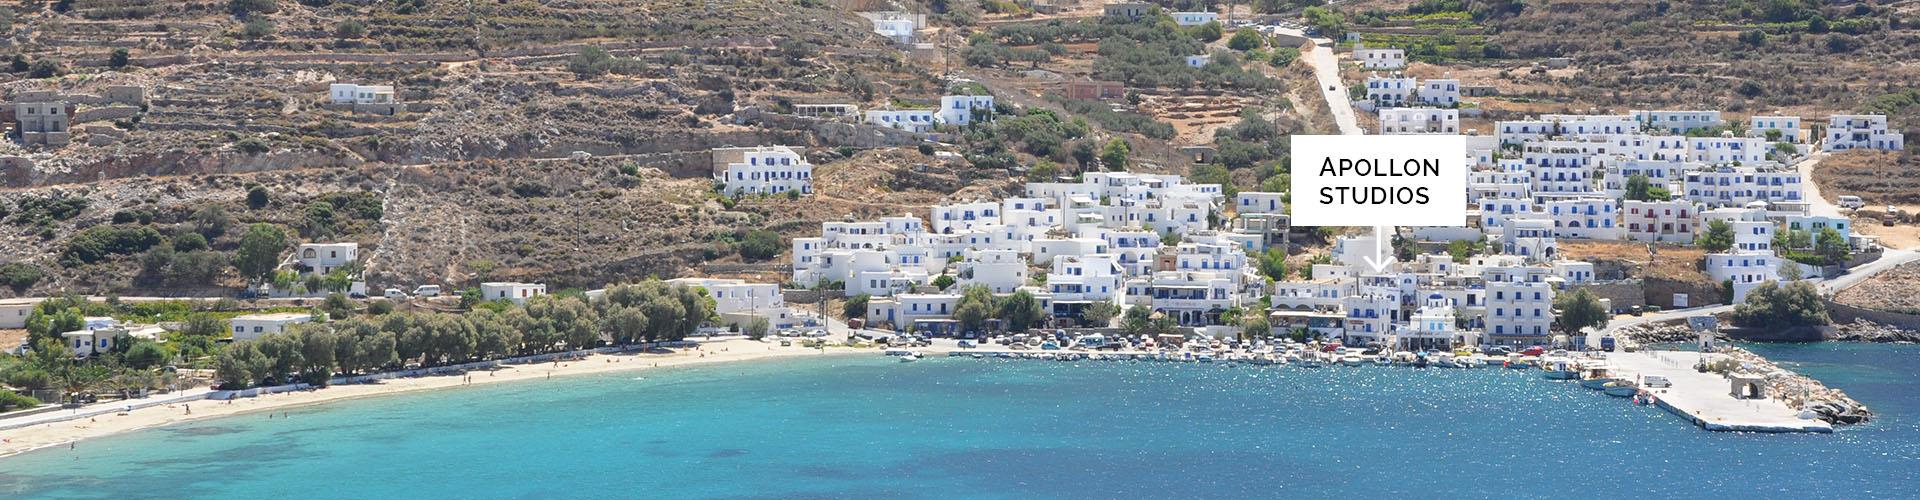 Location Apollon Studios Amorgos Cyclades